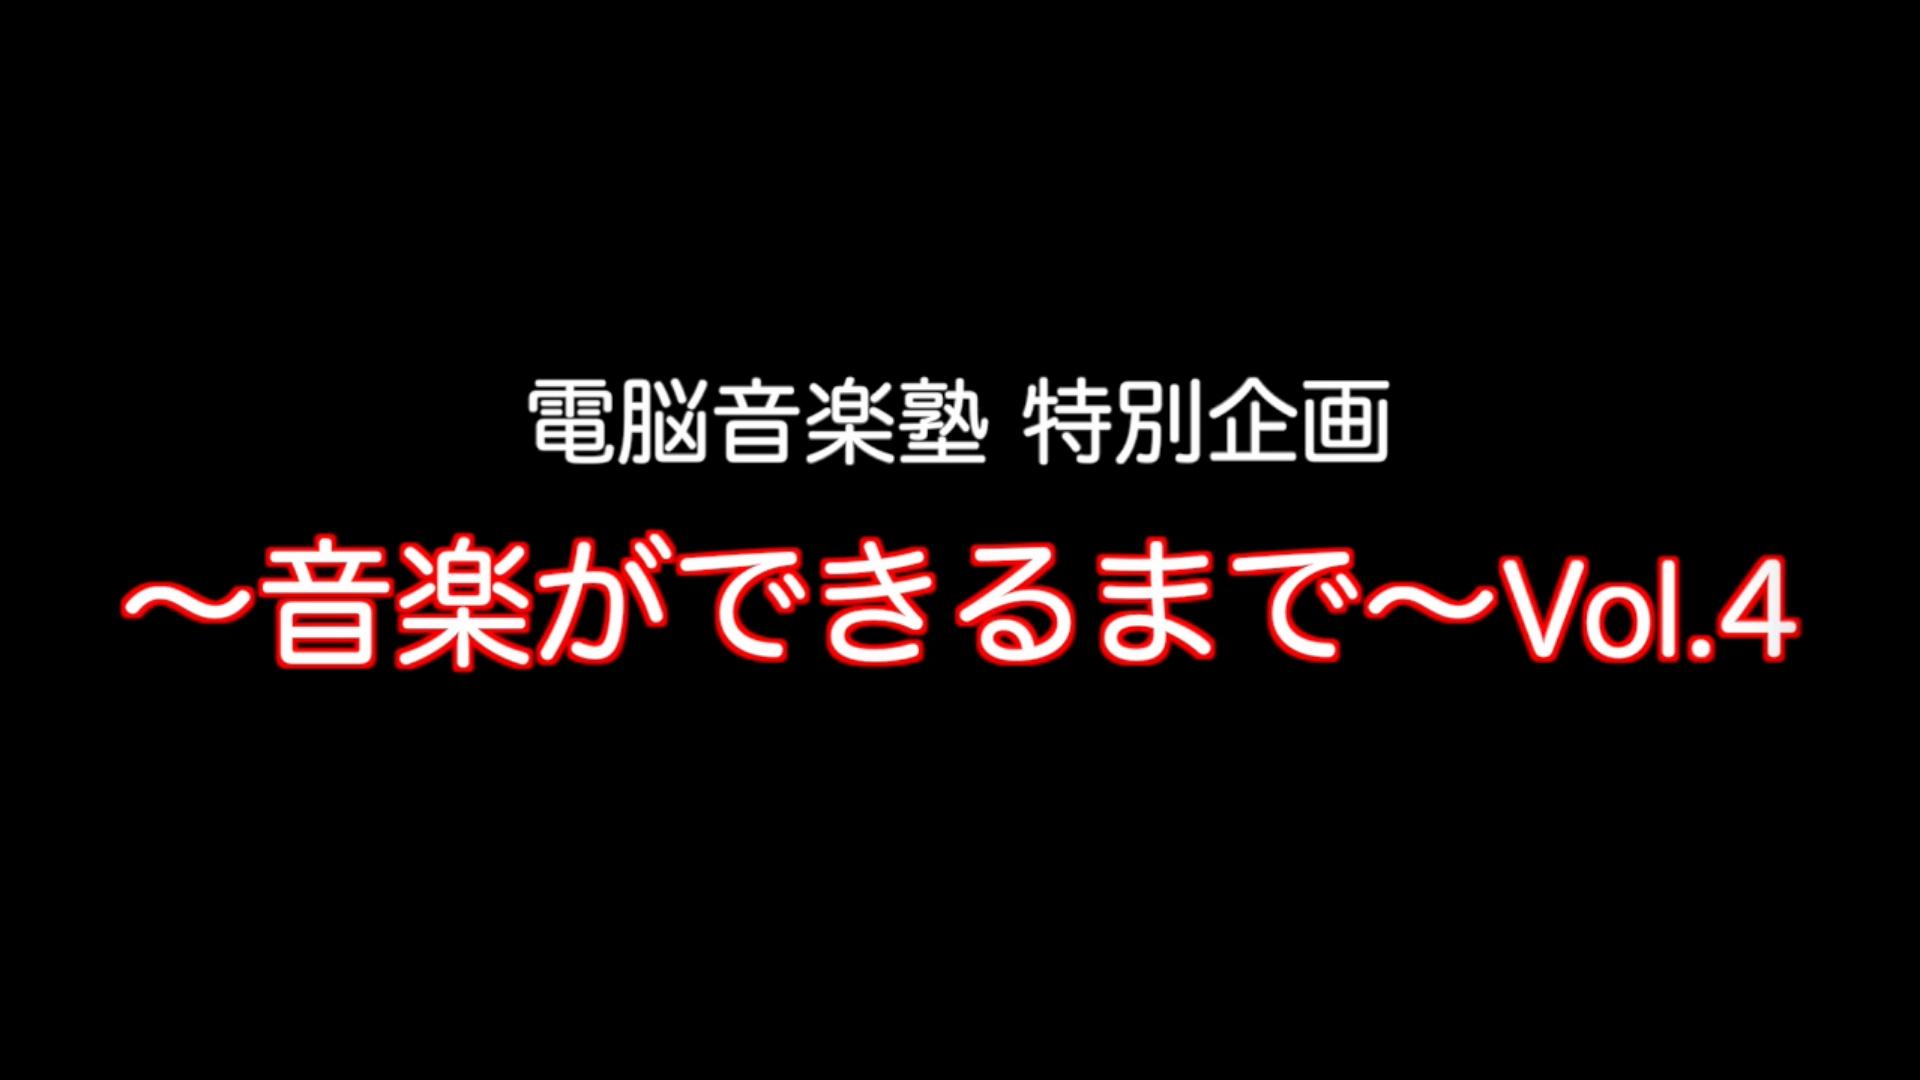 〜音楽ができるまで〜vol.4